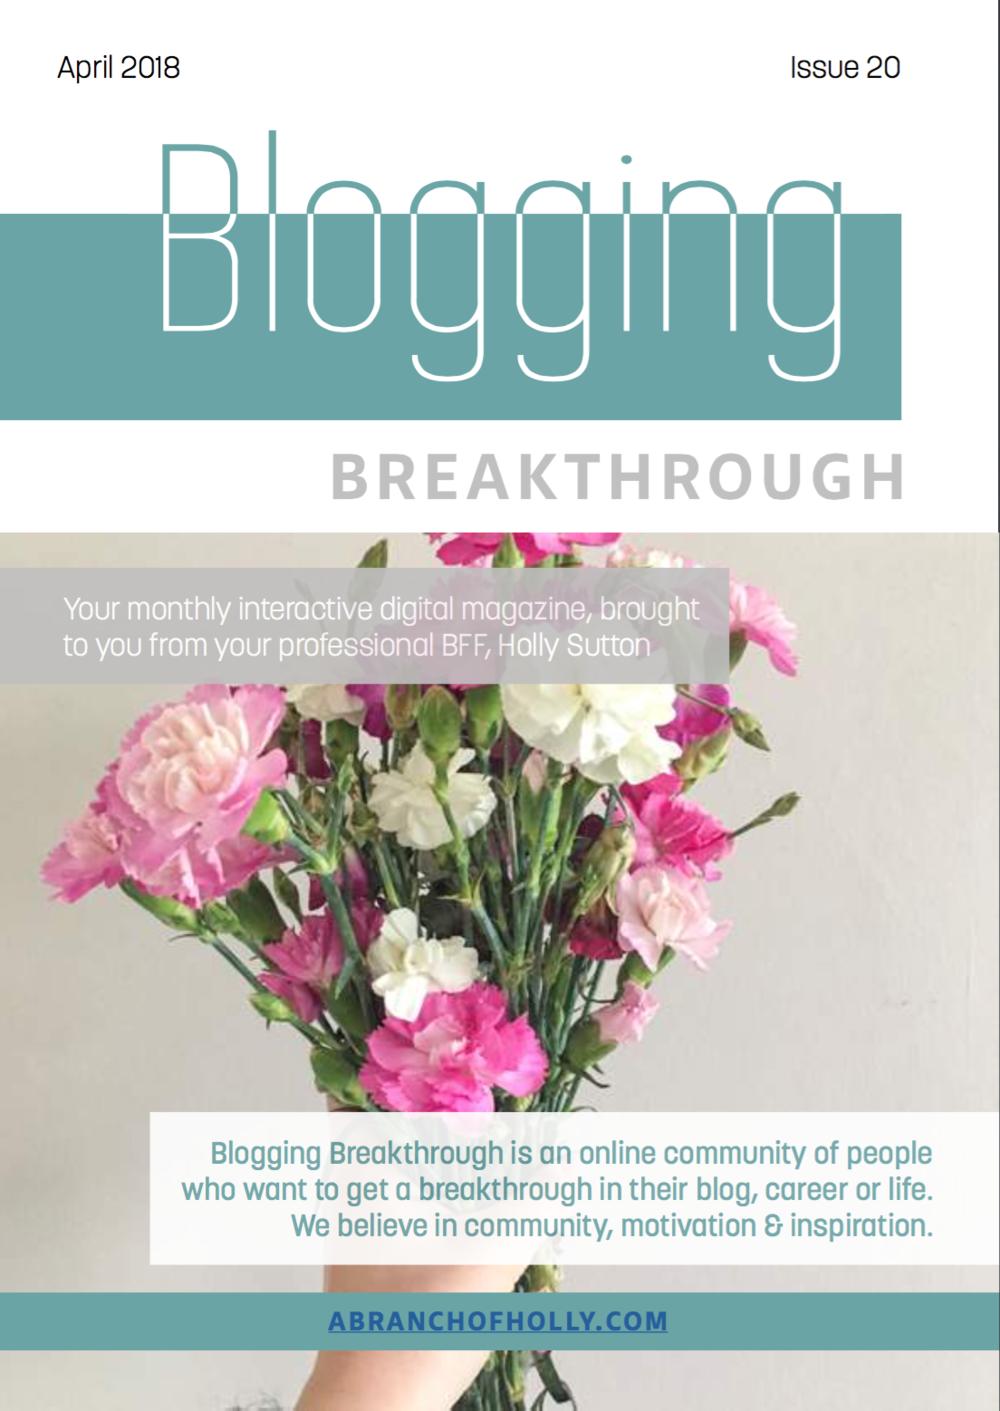 blogging breakthrough april 2018 issue 20